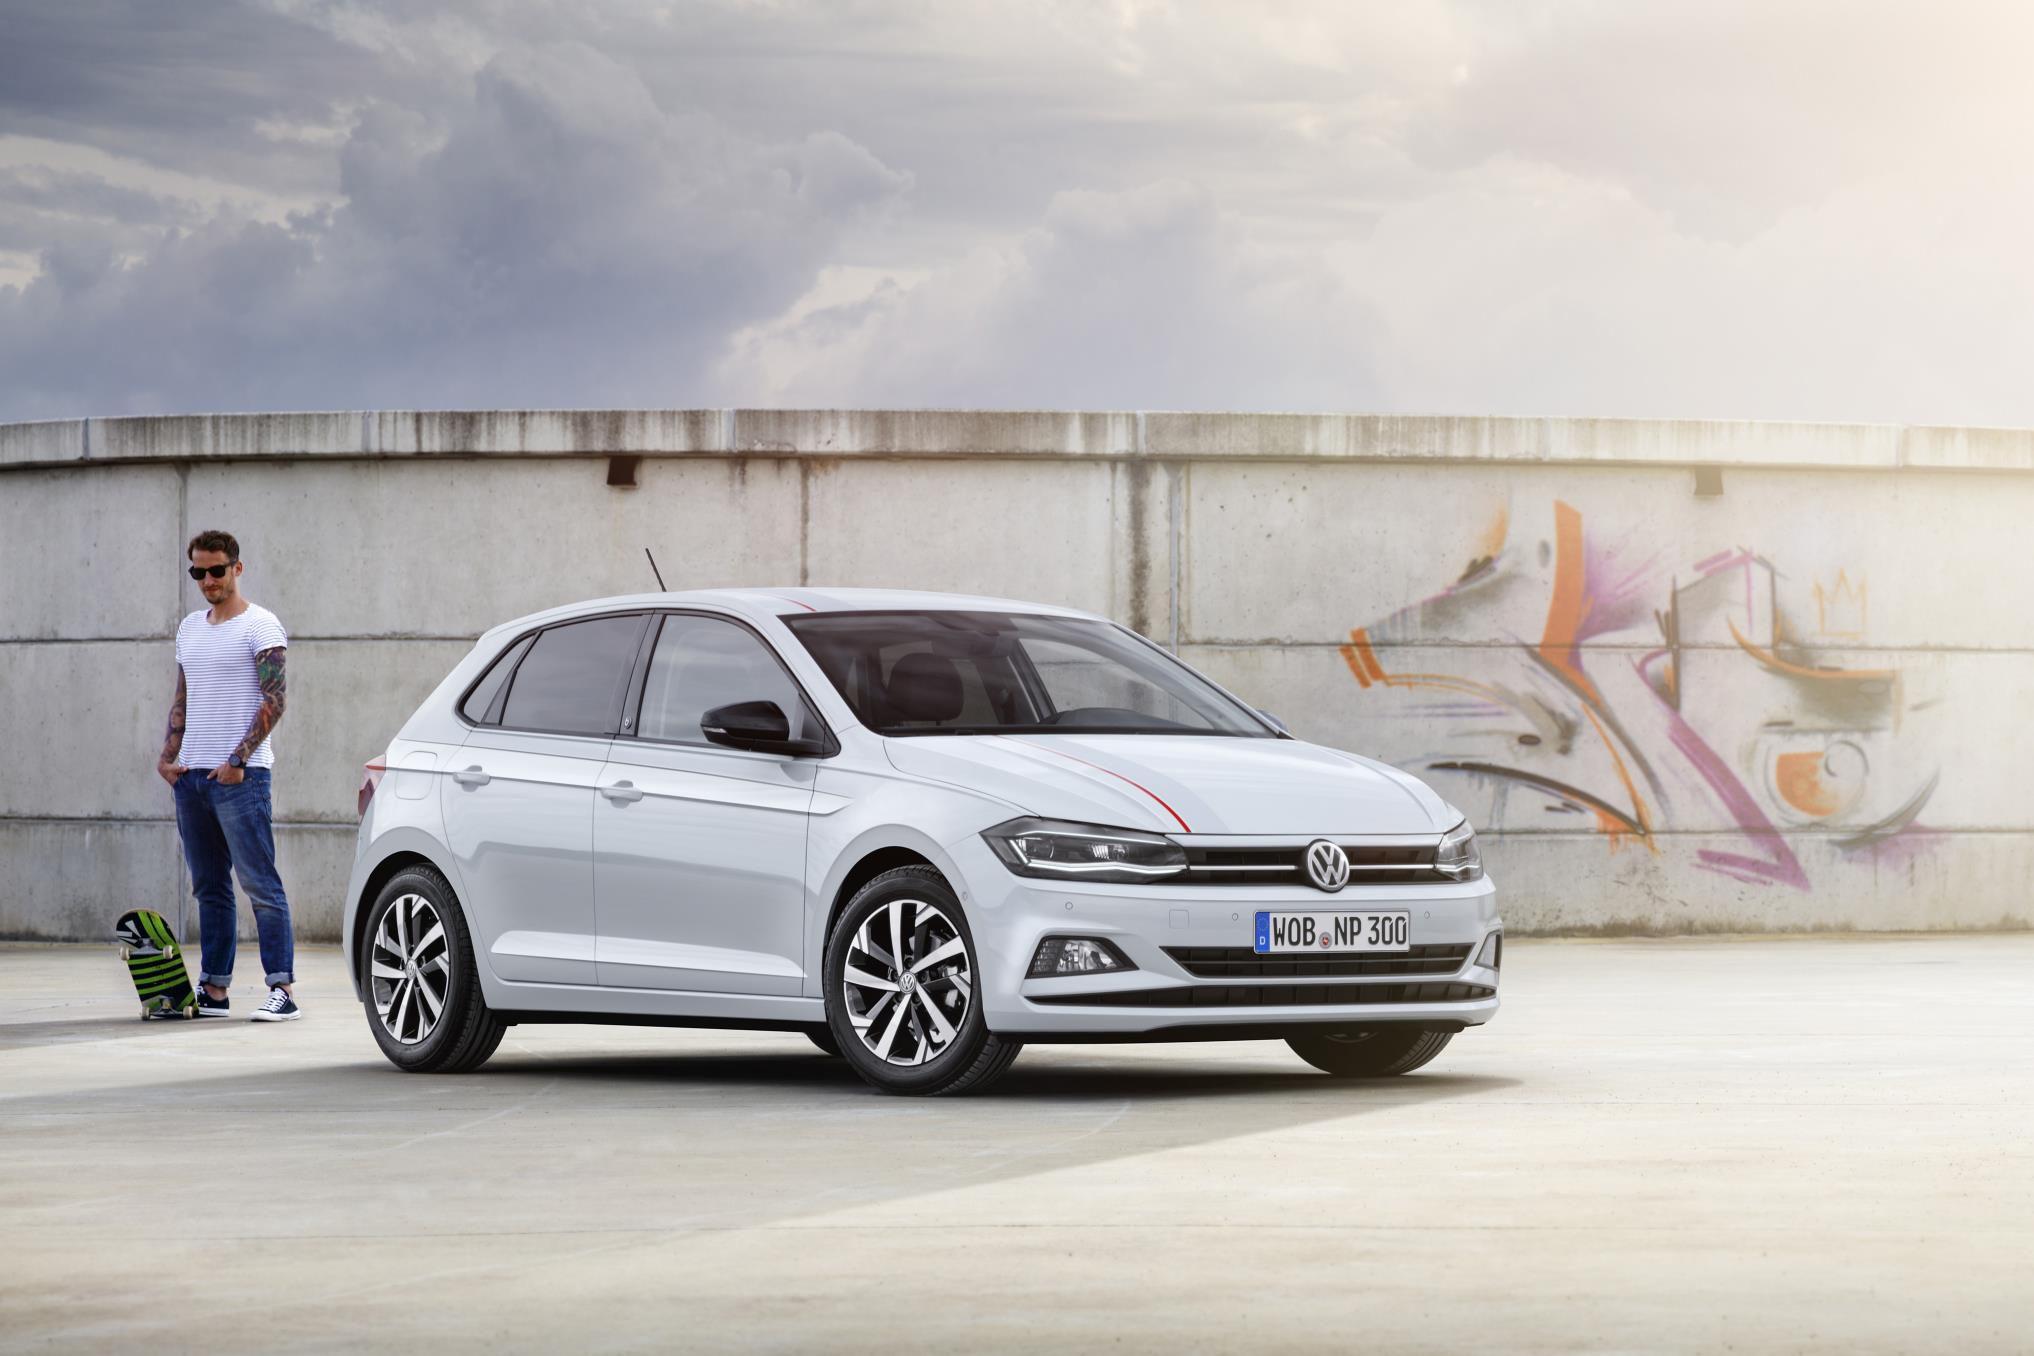 White 5 door Volkswagen Polo Beats special edition